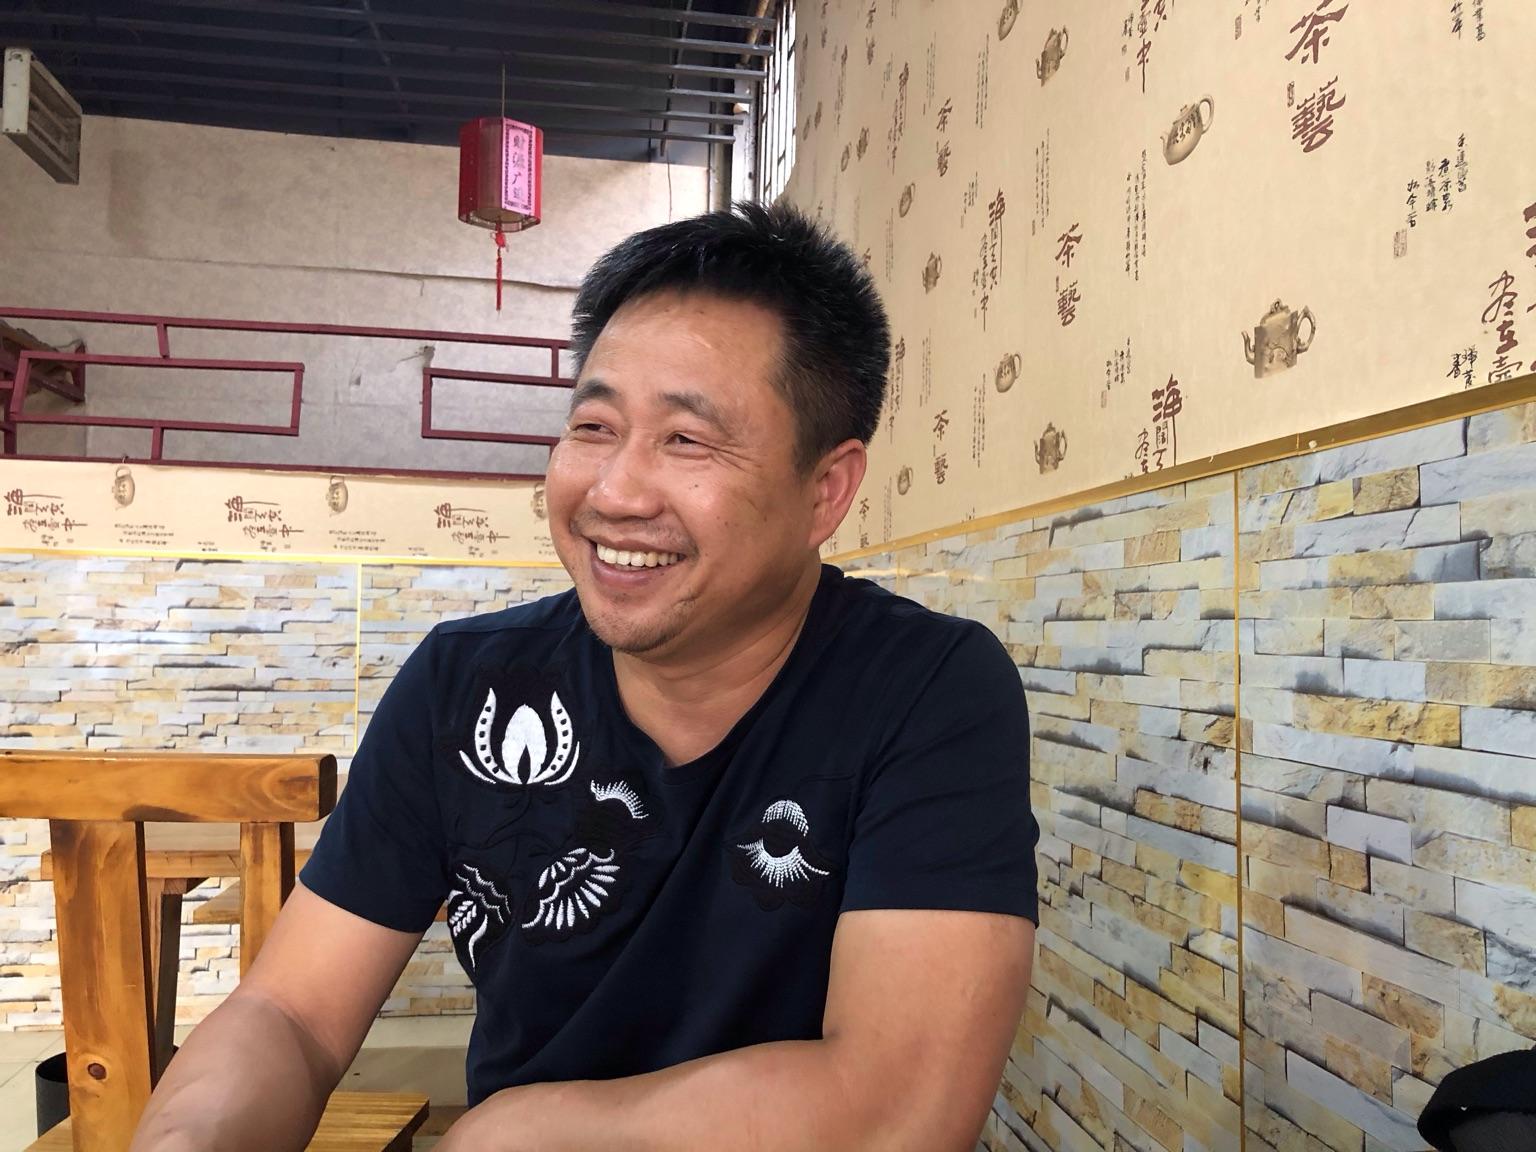 曾在709案中遭受酷刑的謝陽律師,於8月11日被湖南省司法廳非法吊銷律師執業證。(大紀元)